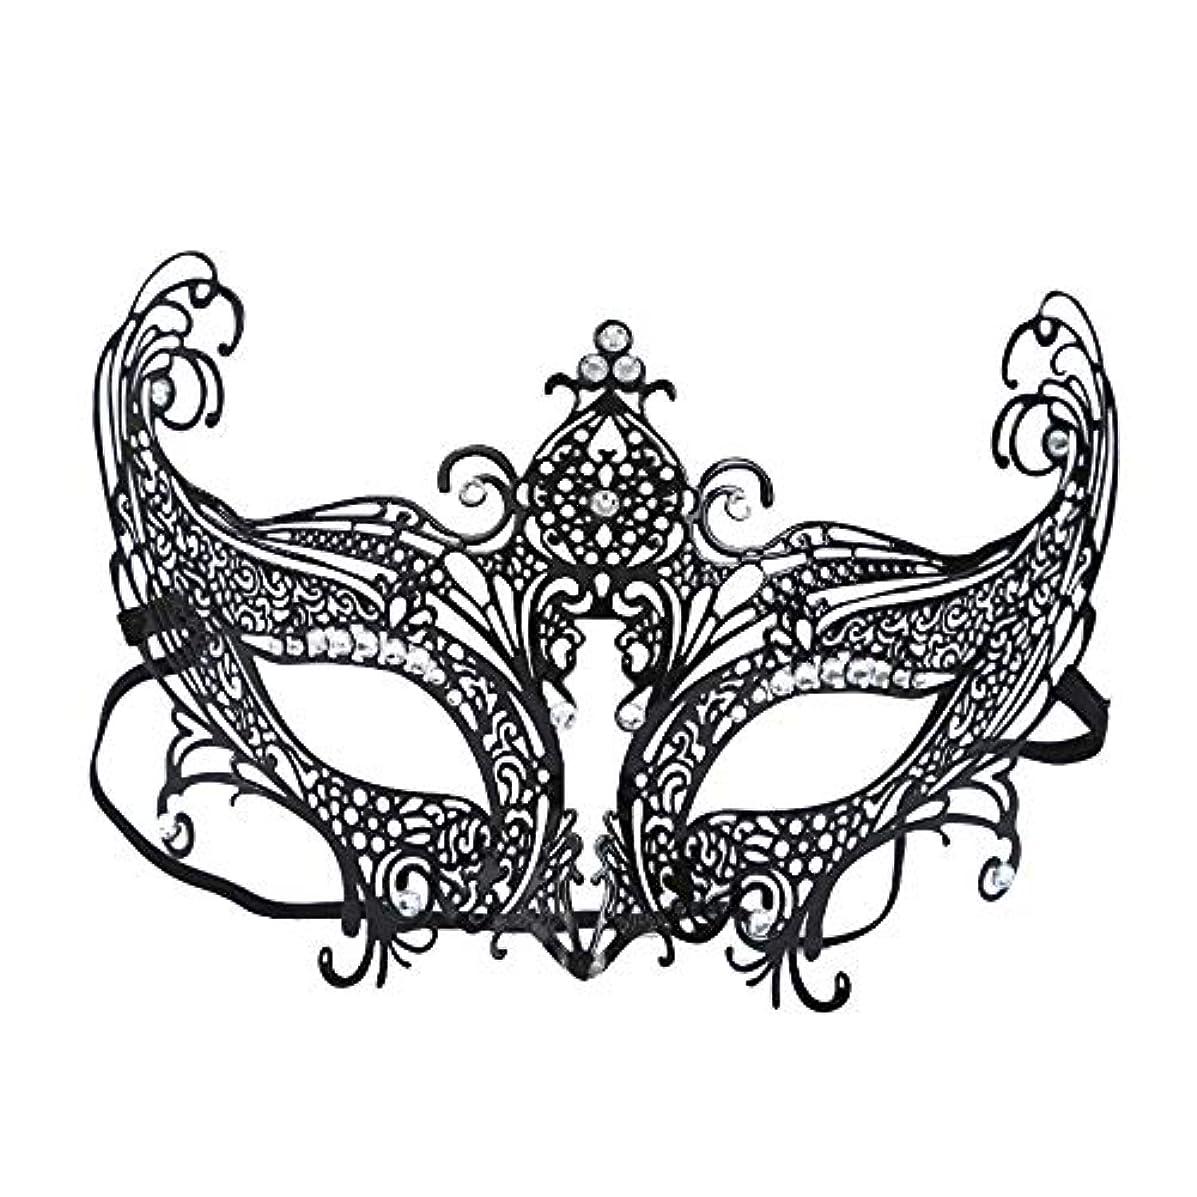 配偶者解任引退したハーフフェイスアイアンマスクハロウィンヴェネツィア仮装メタルダイヤモンドフォックスマスクセクシーファンアイマスク (Color : B)